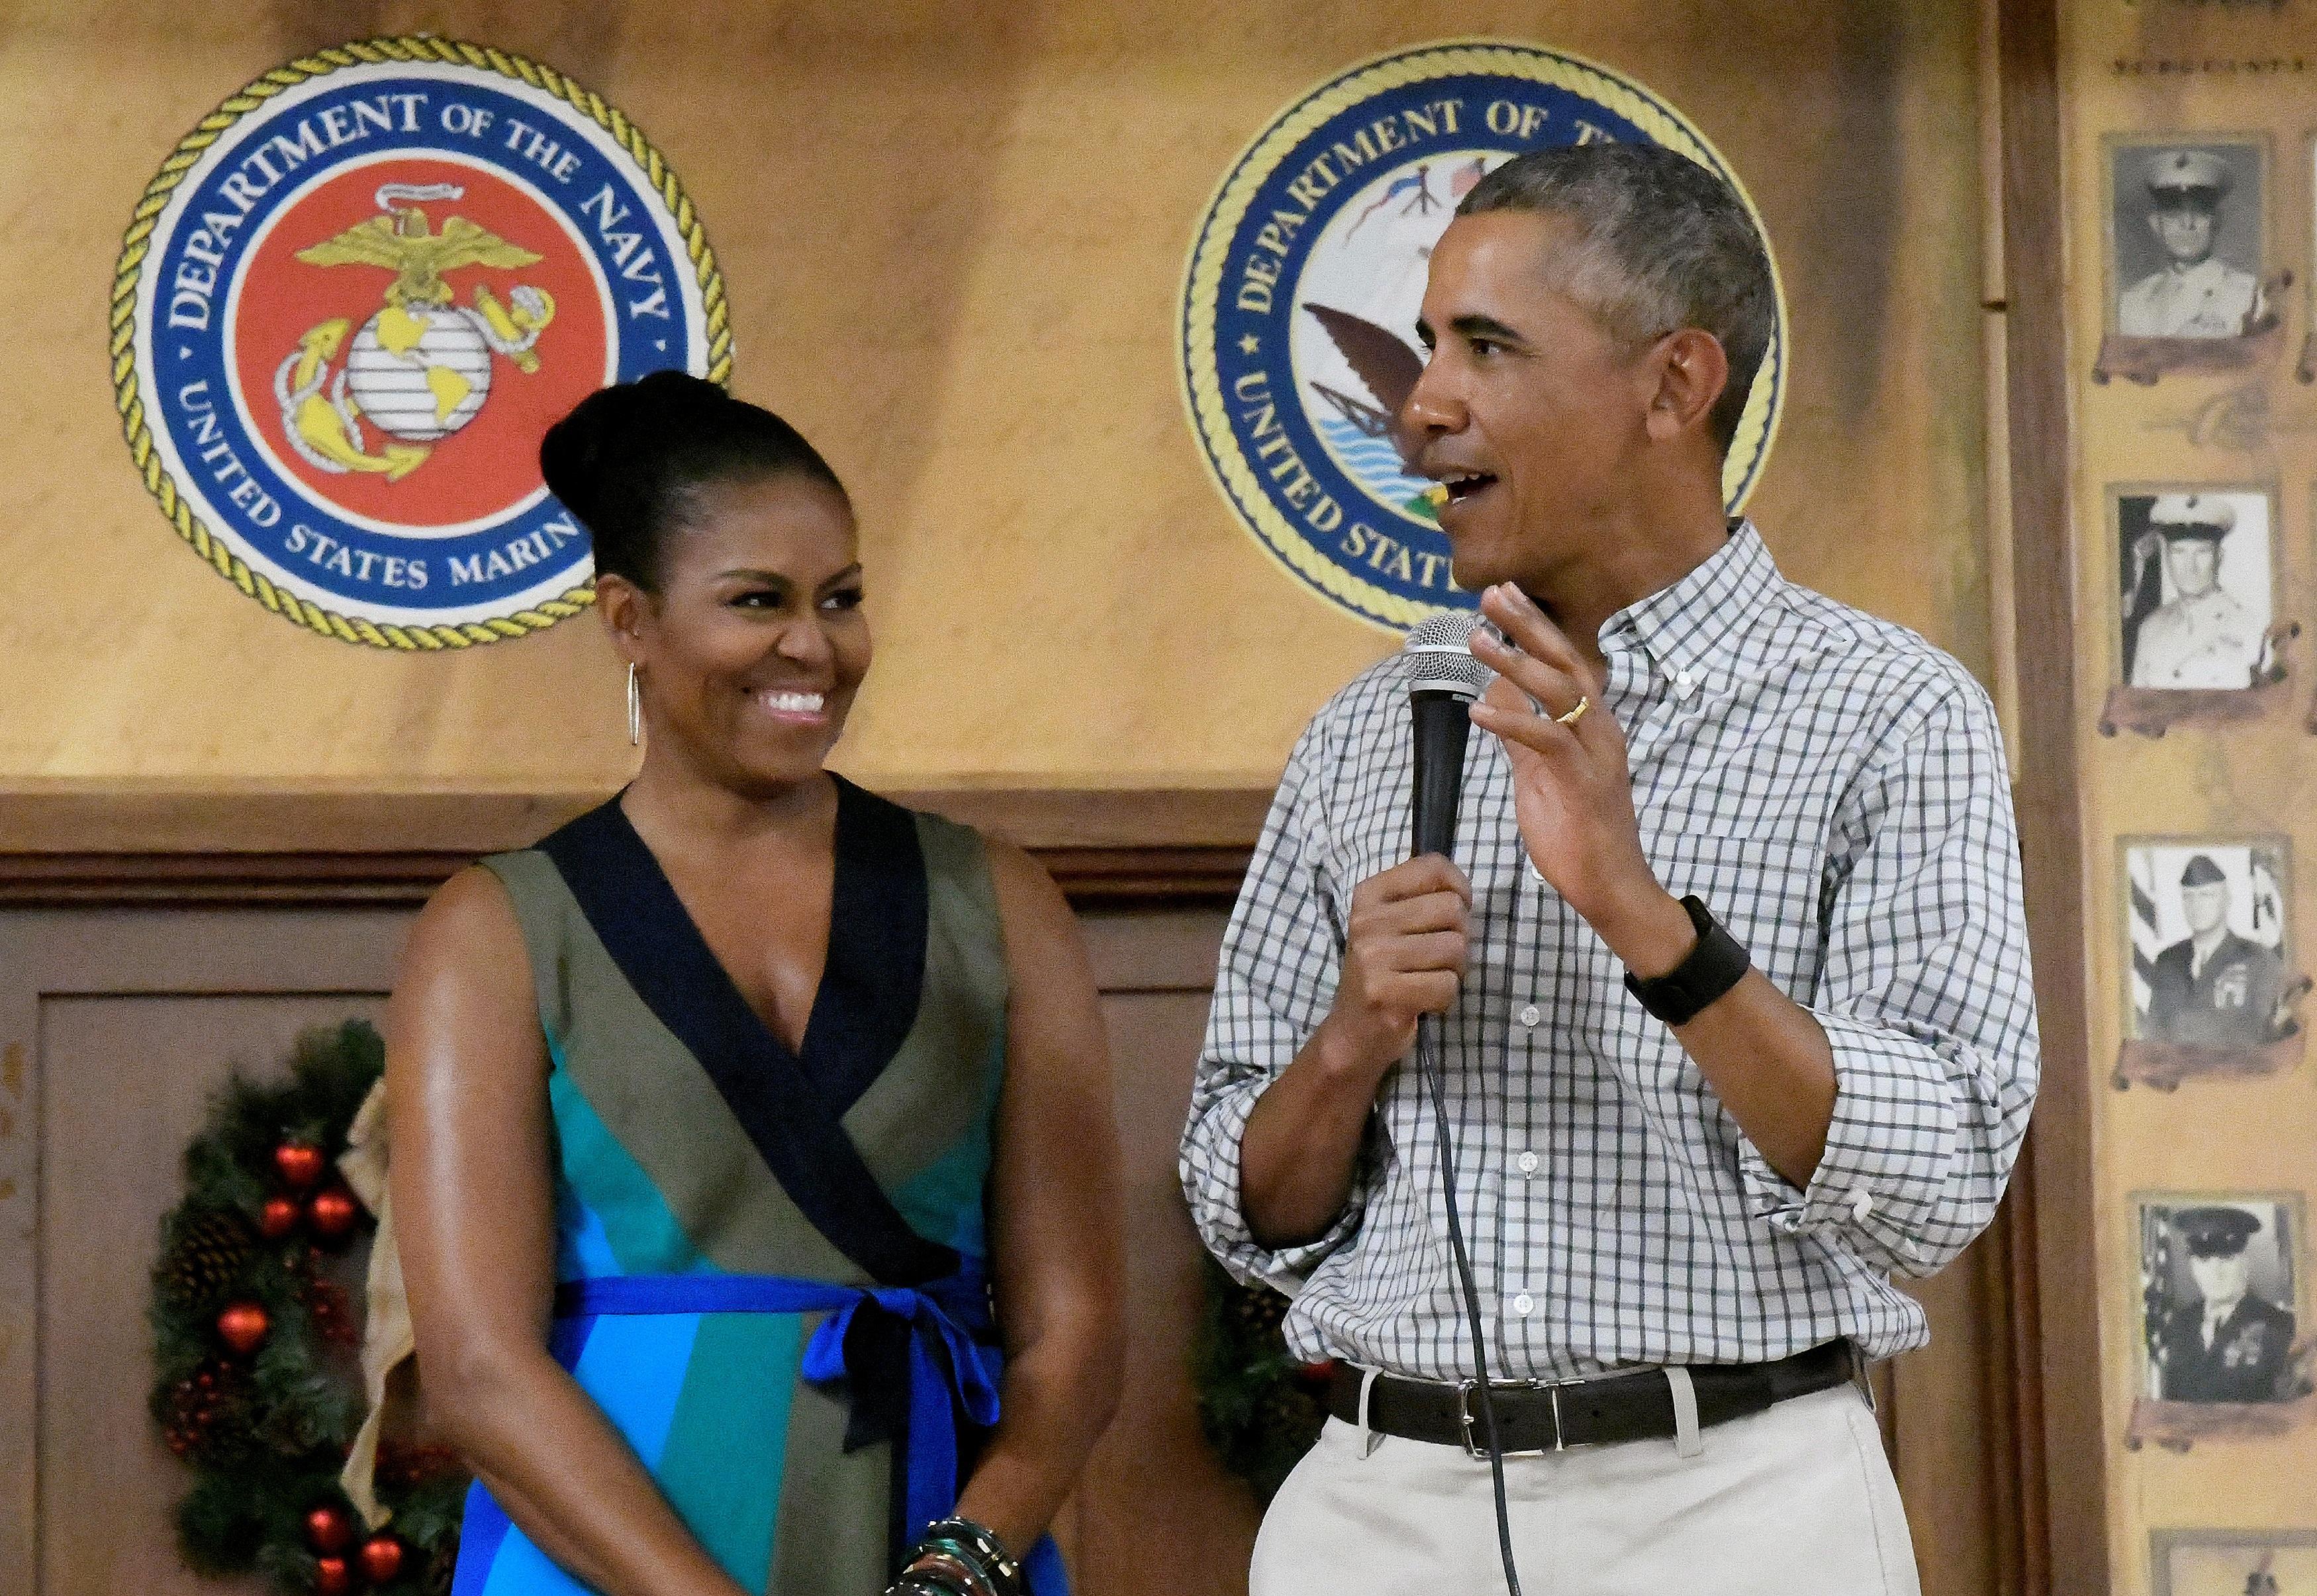 Tổng thống Barack Obama và phu nhân phát biểu tại căn cứ Thủy quân lục chiến Mỹ ở Hawaii hôm 25/12 (Ảnh: Reuters)